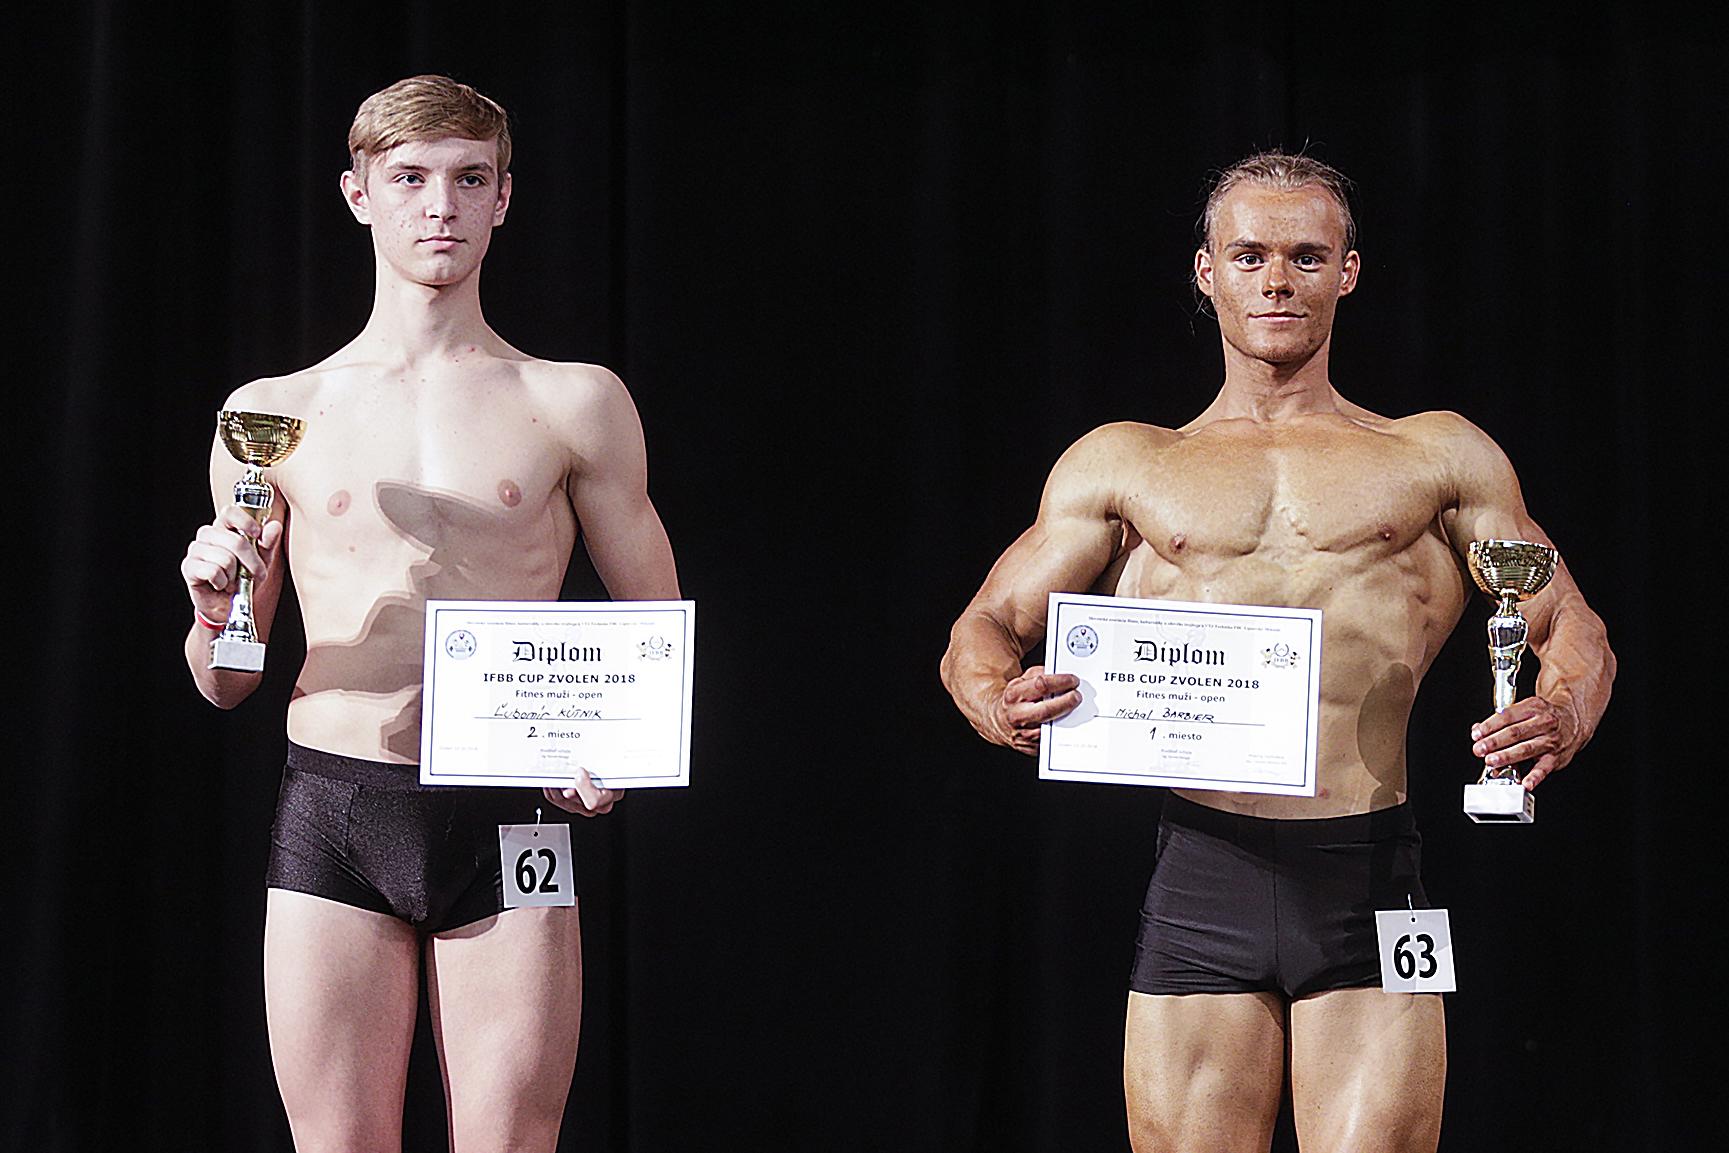 IFBB Cup Zvolen Fitness Muži foto: Ivan Pavlisko